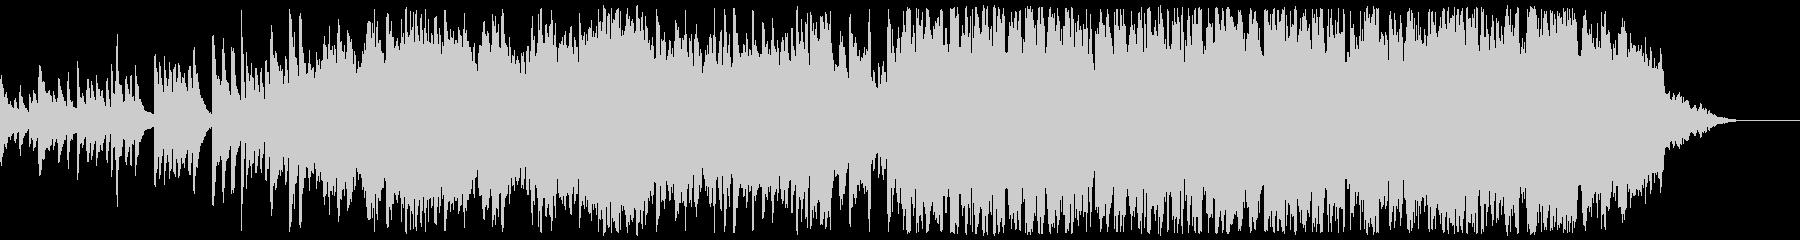 ソロのピアノと弦が他のオーケストラ...の未再生の波形